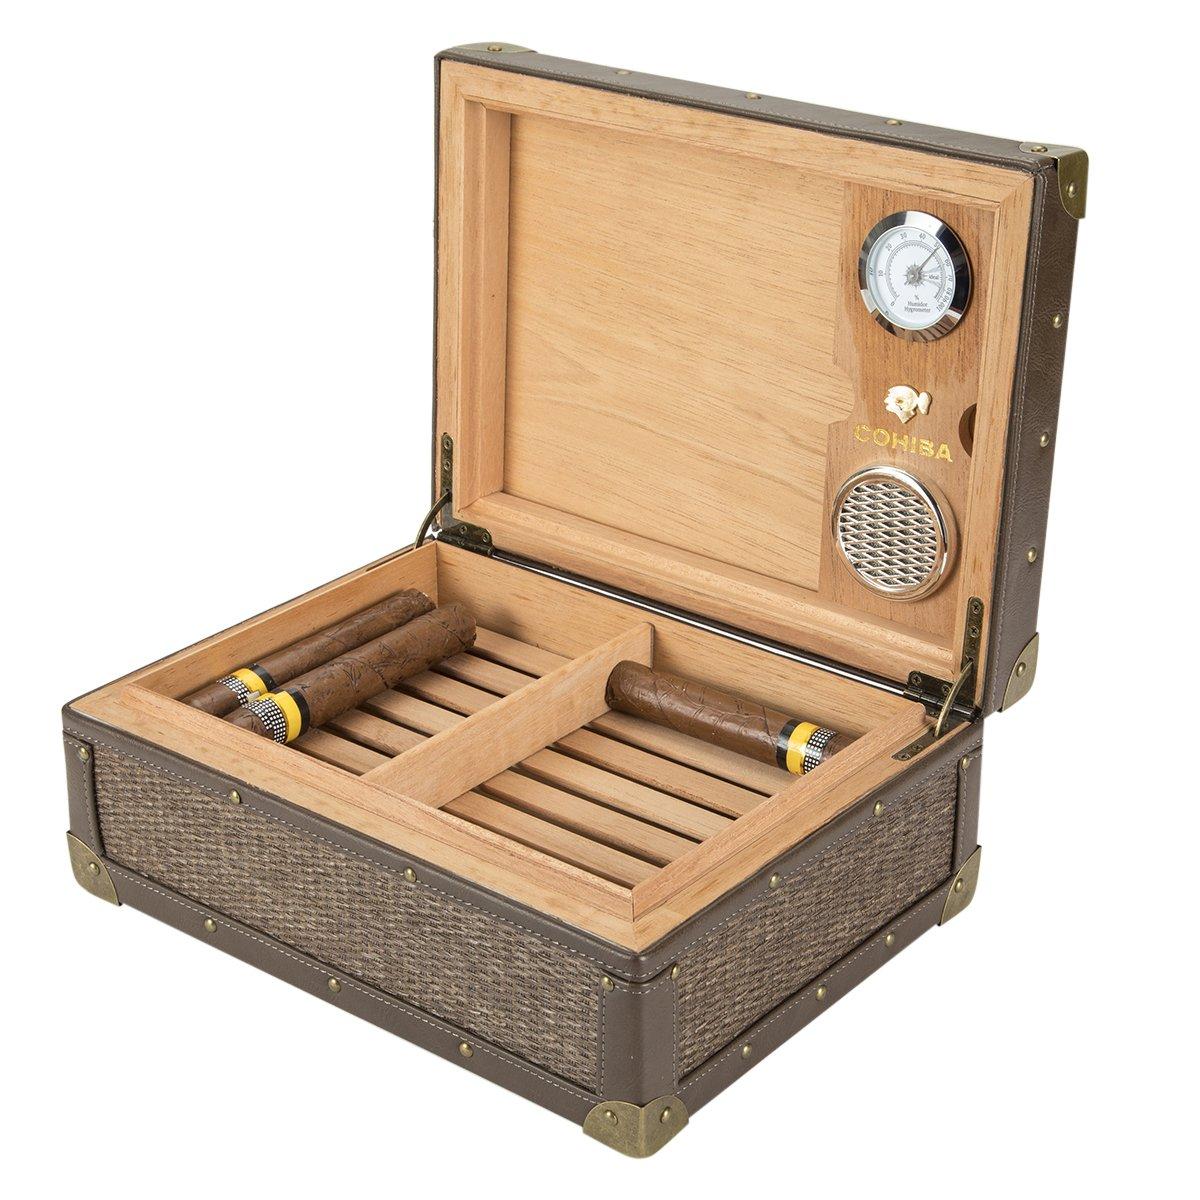 XIFEI leather edge cigar humidors Cedar wood cigar humidors